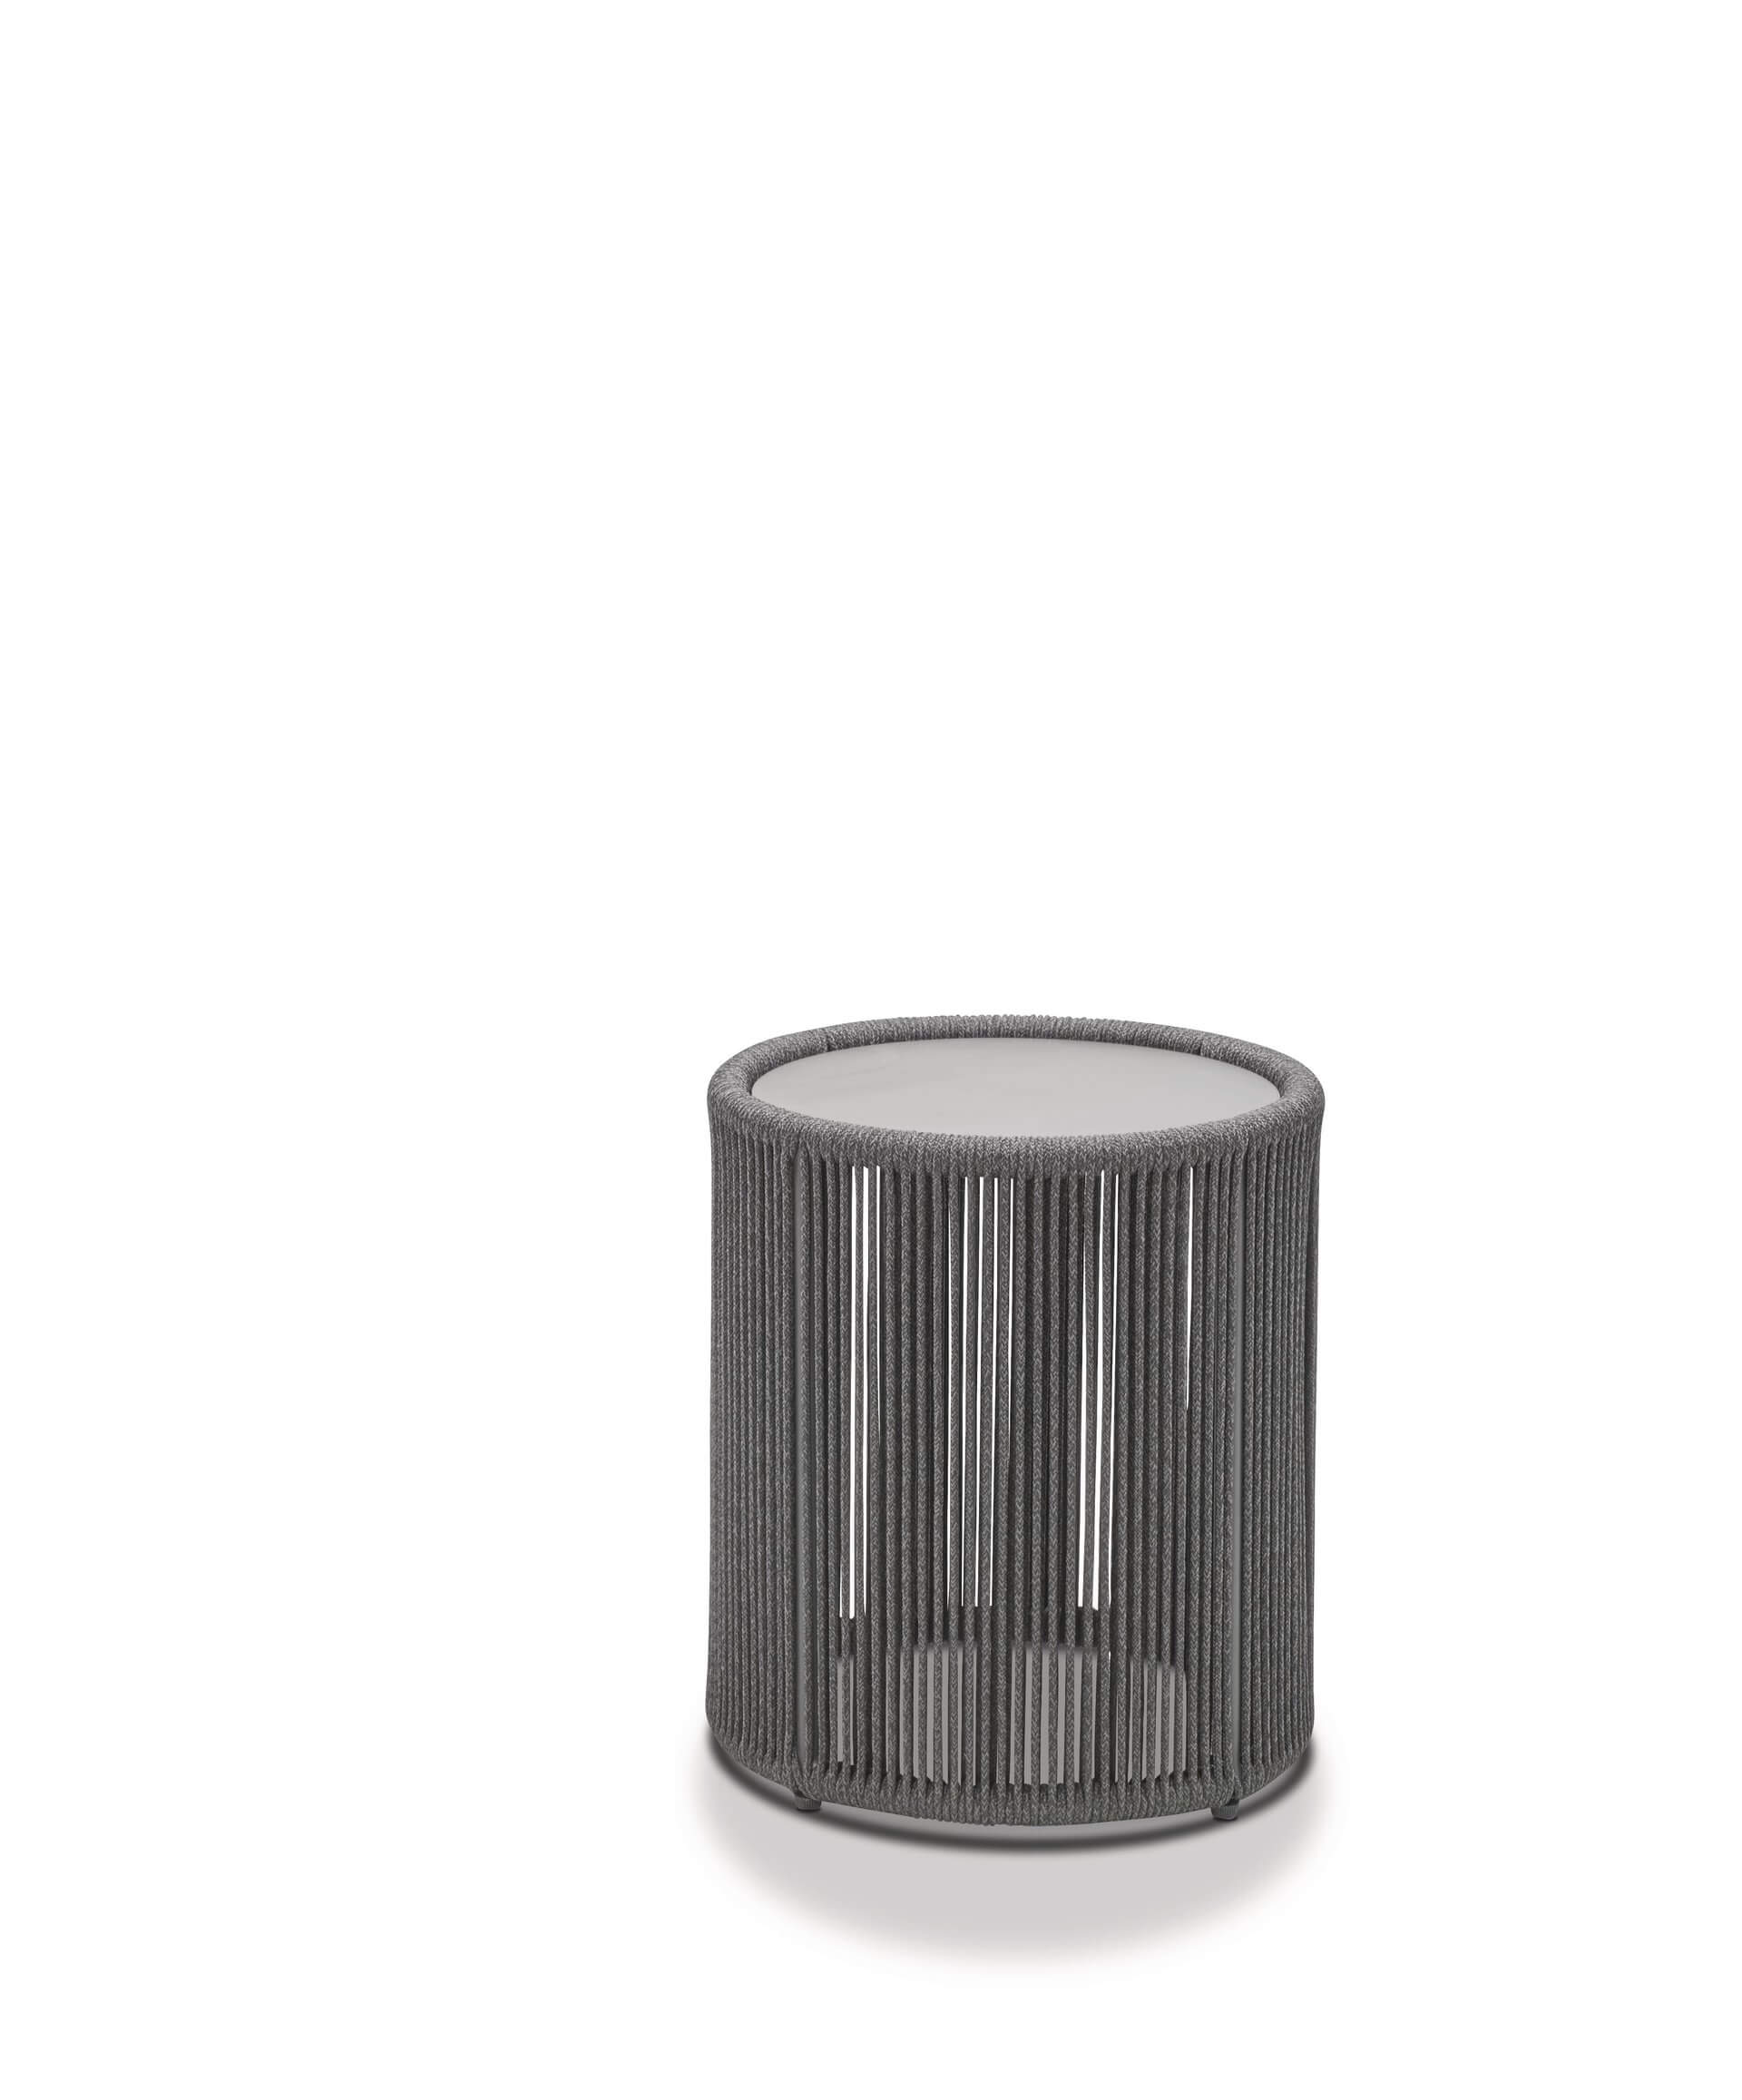 Musterring - Freilicht Formentera Beistelltisch Ø 44